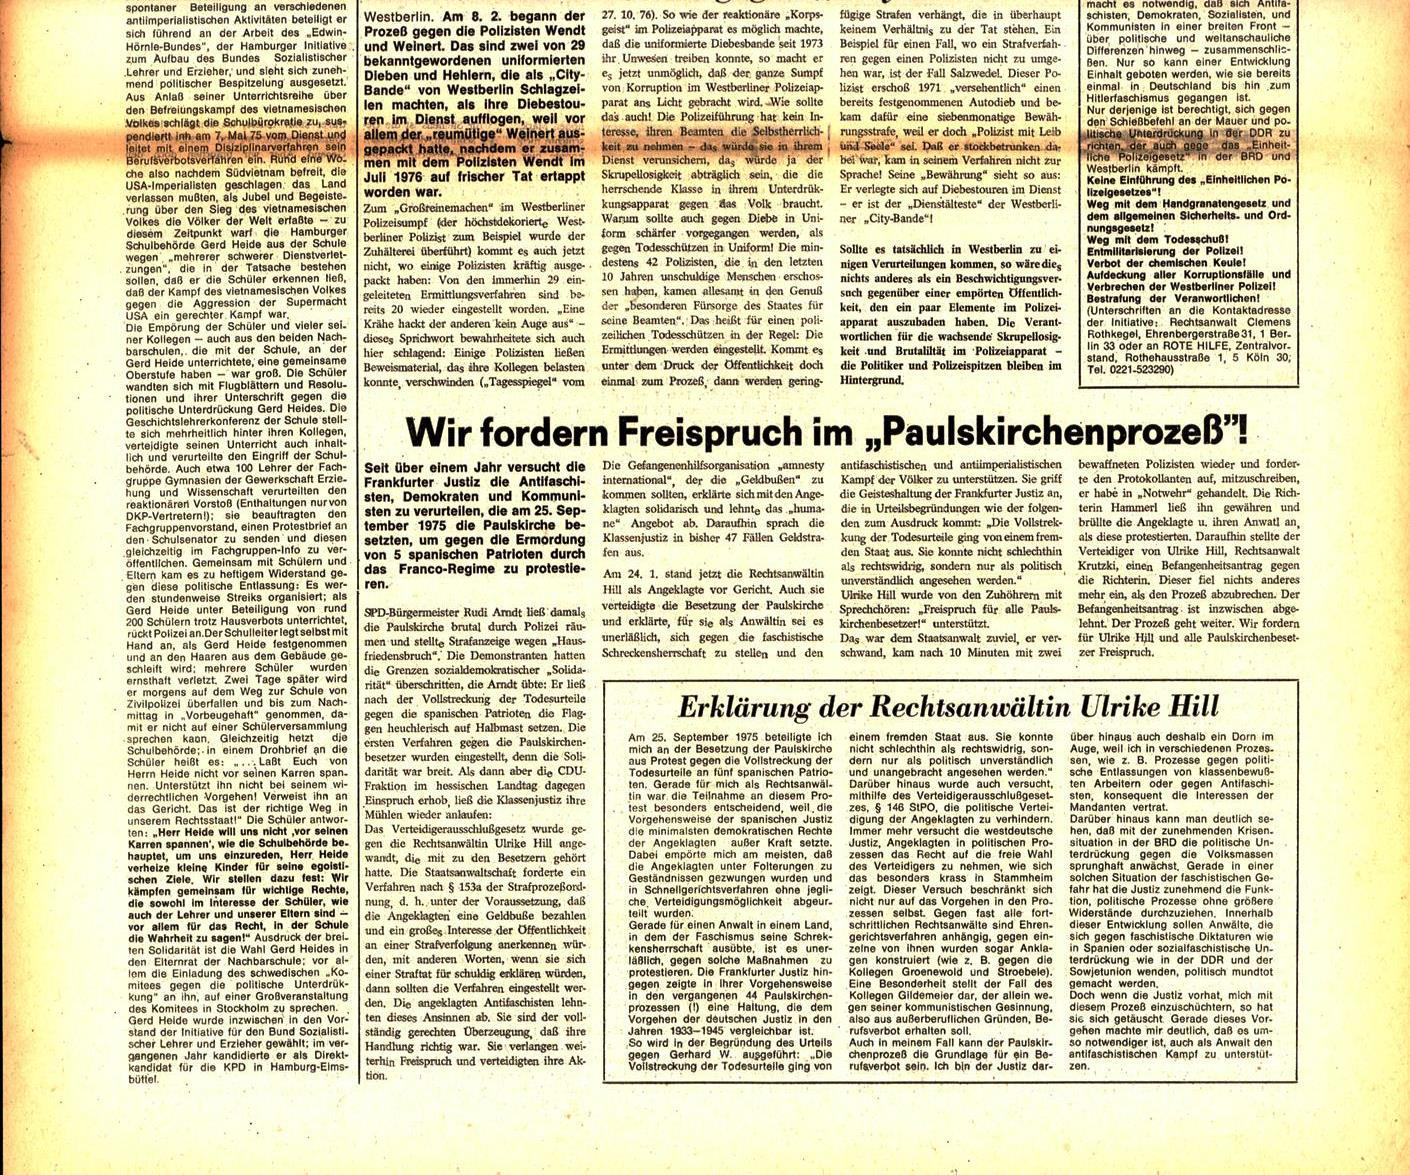 KPD_RF_1977_06_12